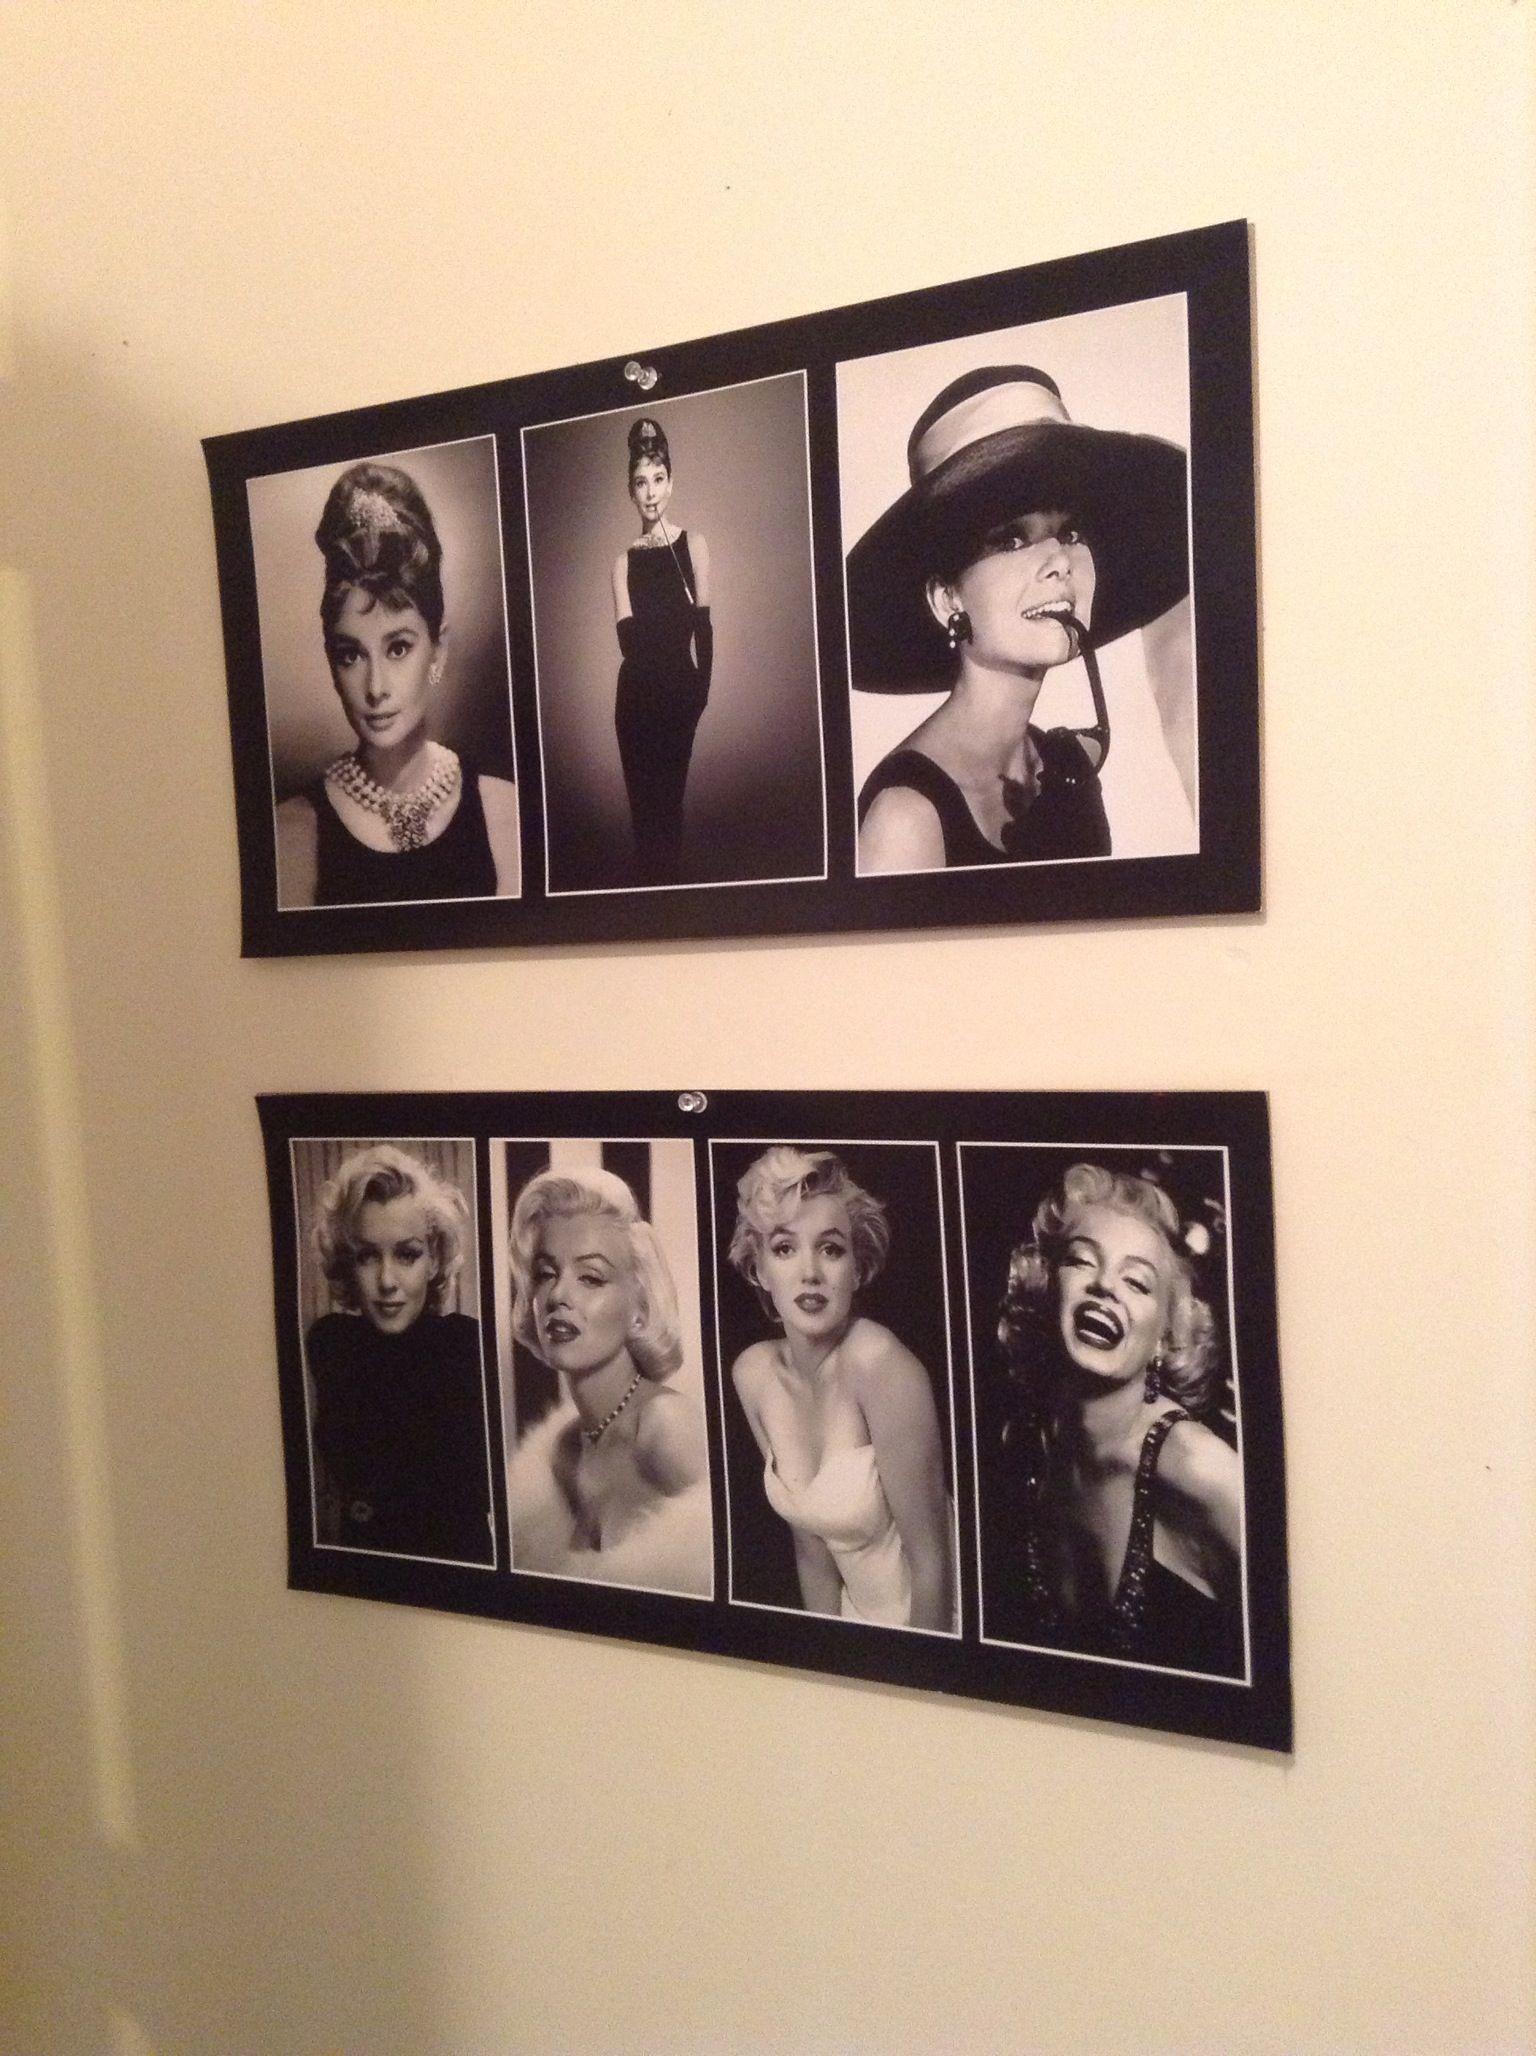 Marilyn Monroe Audrey Hepburn Wall Posters Marilyn Monroe Decor Marilyn Monroe Room Hollywood Bedroom